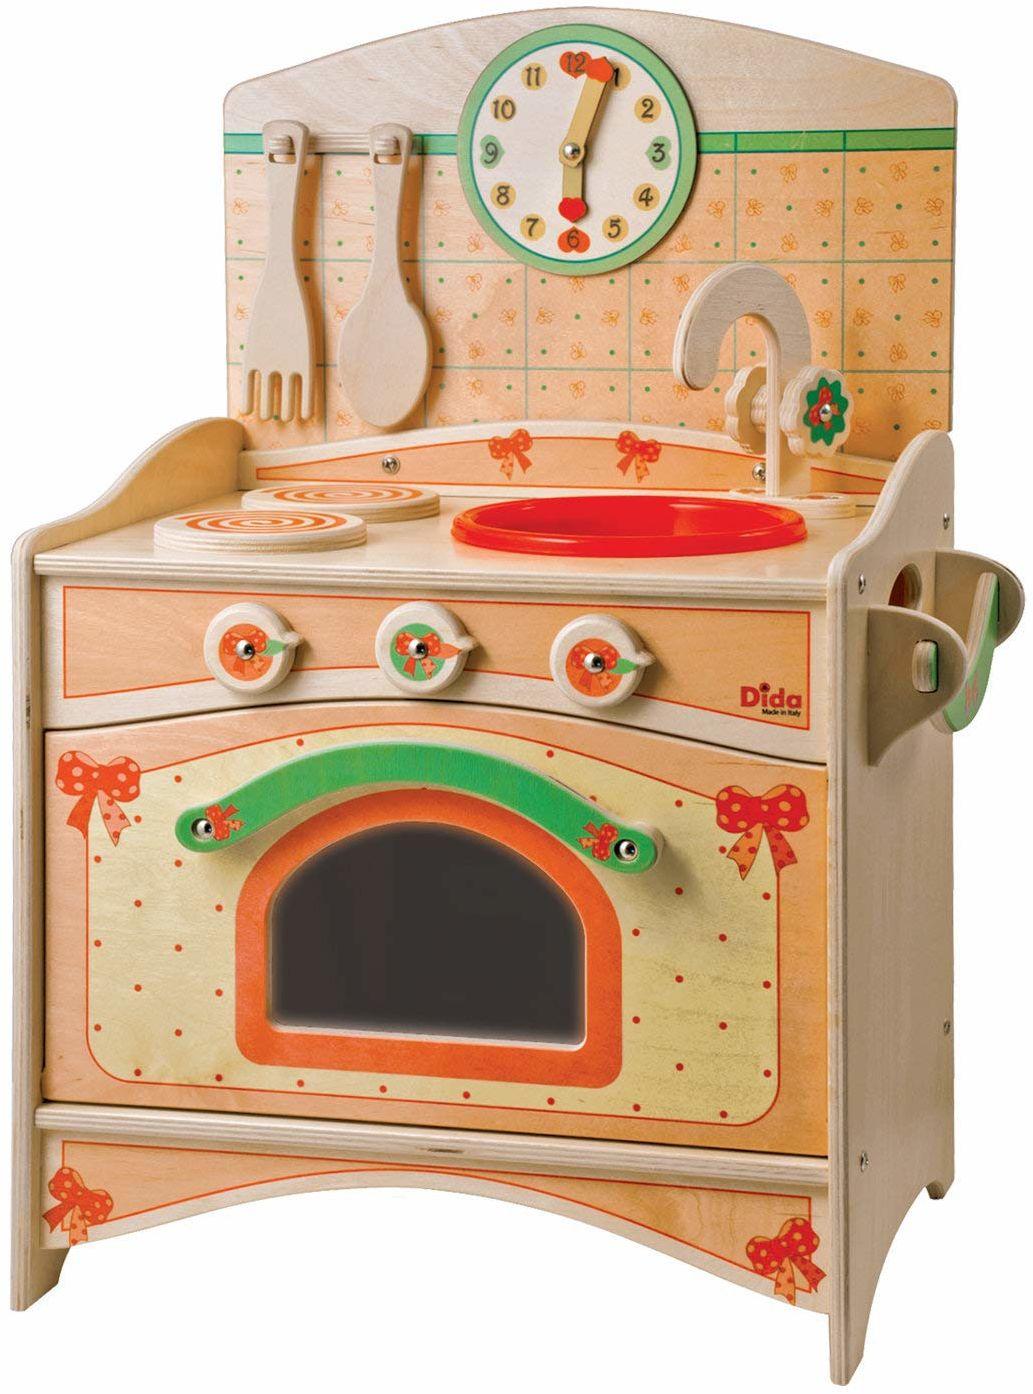 Dida - Odgrywanie ról dla małych dzieci, GP02